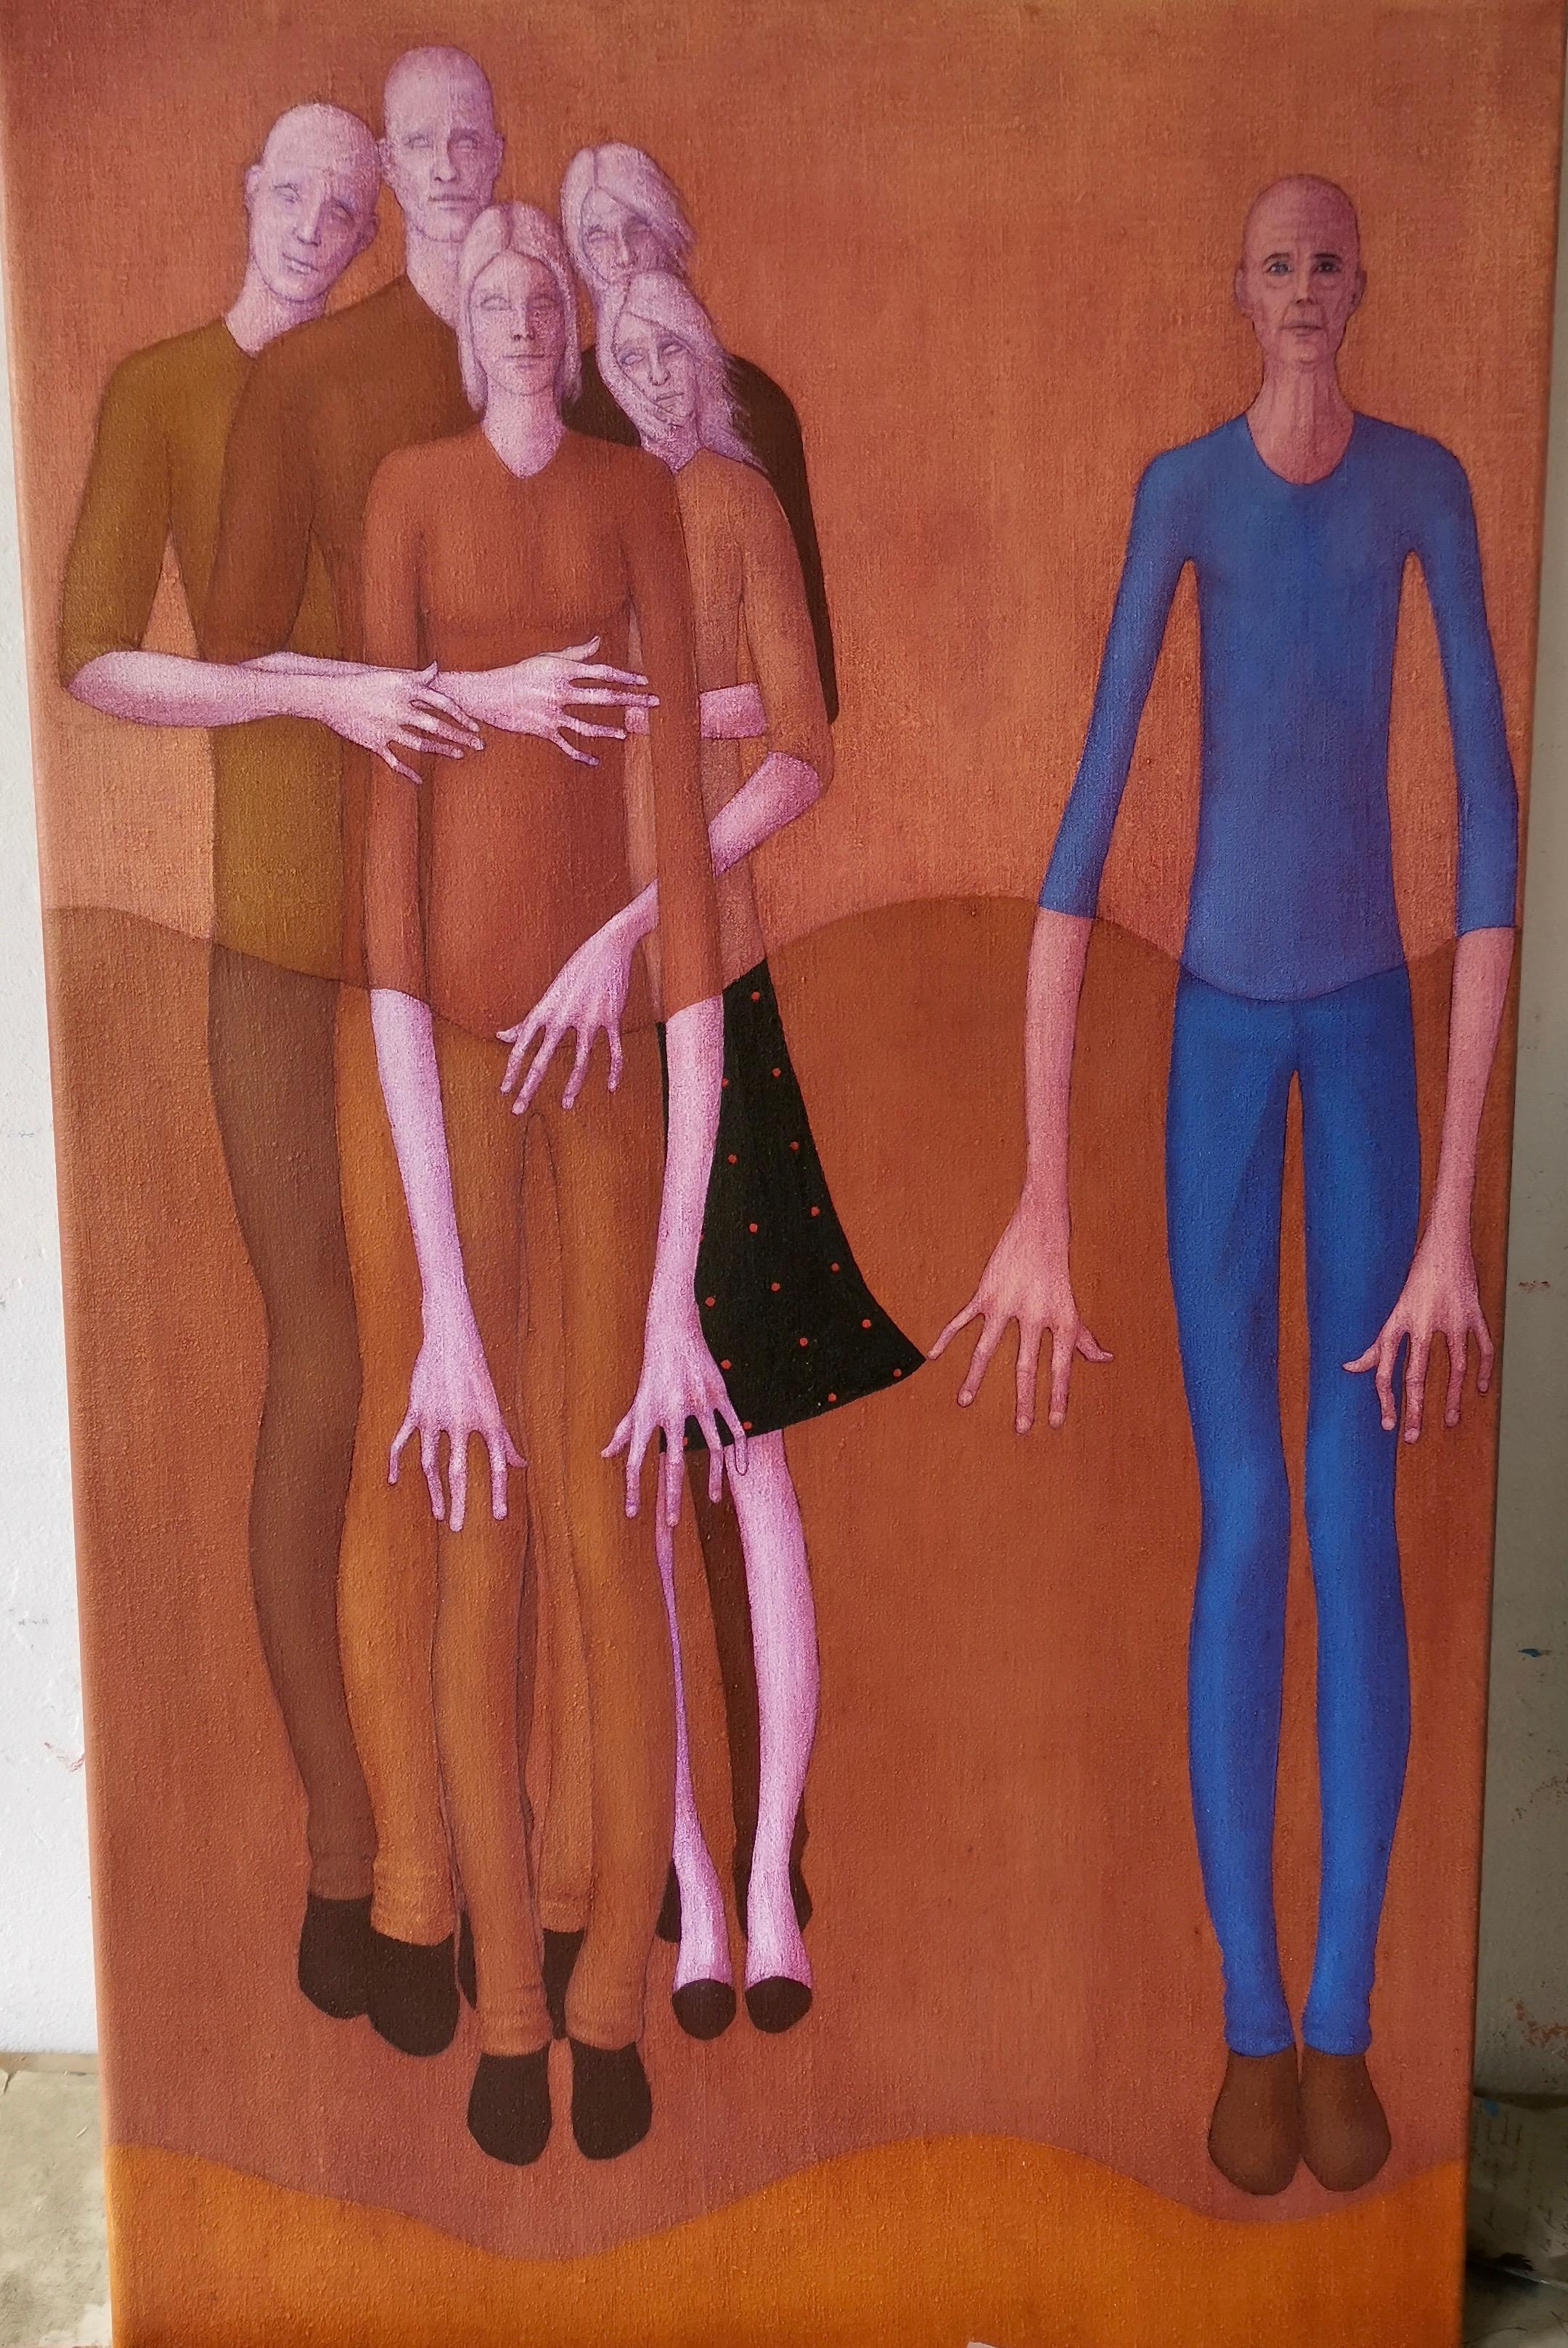 painting artwork gallery